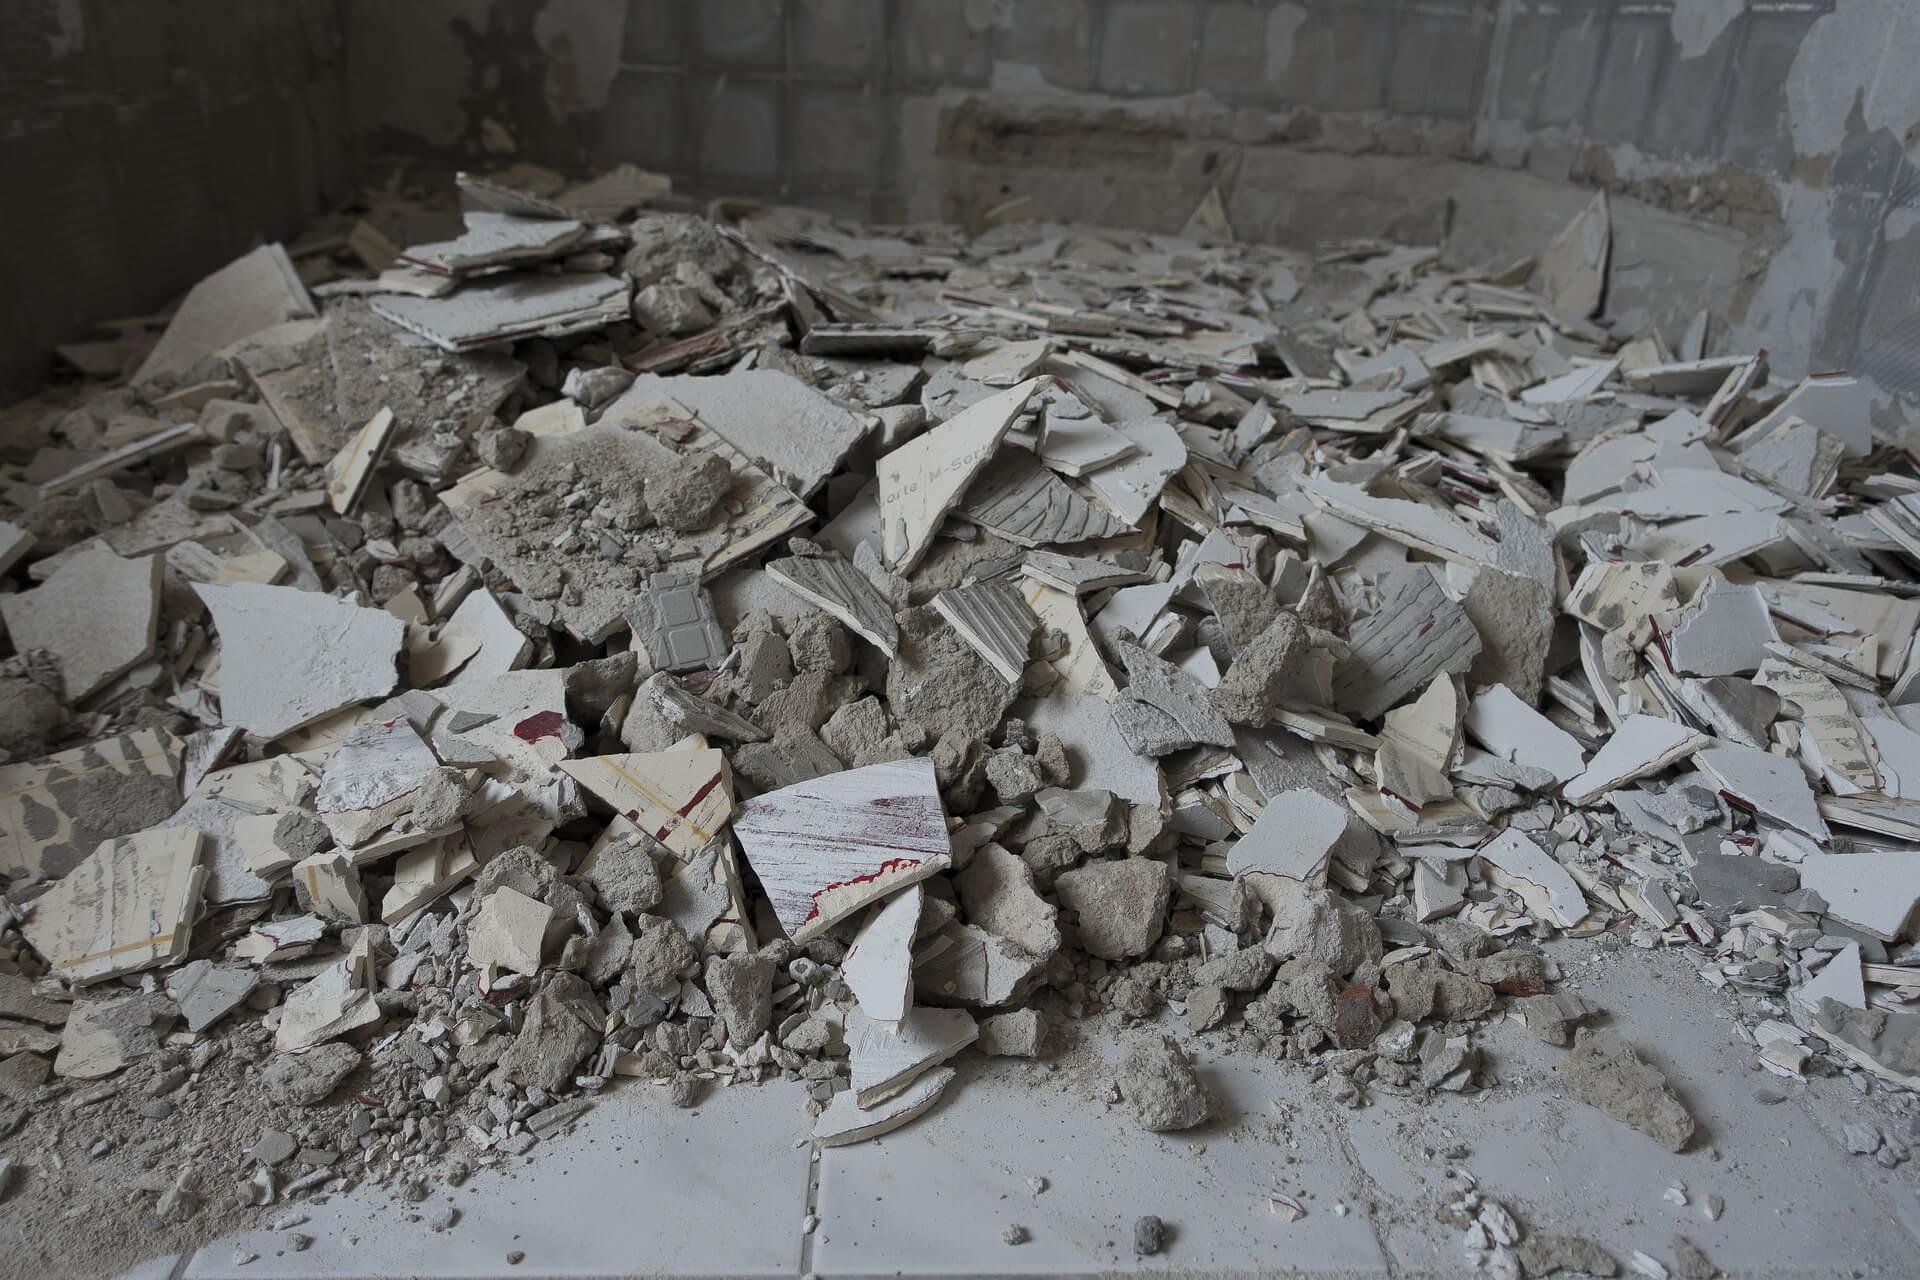 Detriti lasciati dopo lavori di muratura in un negozio